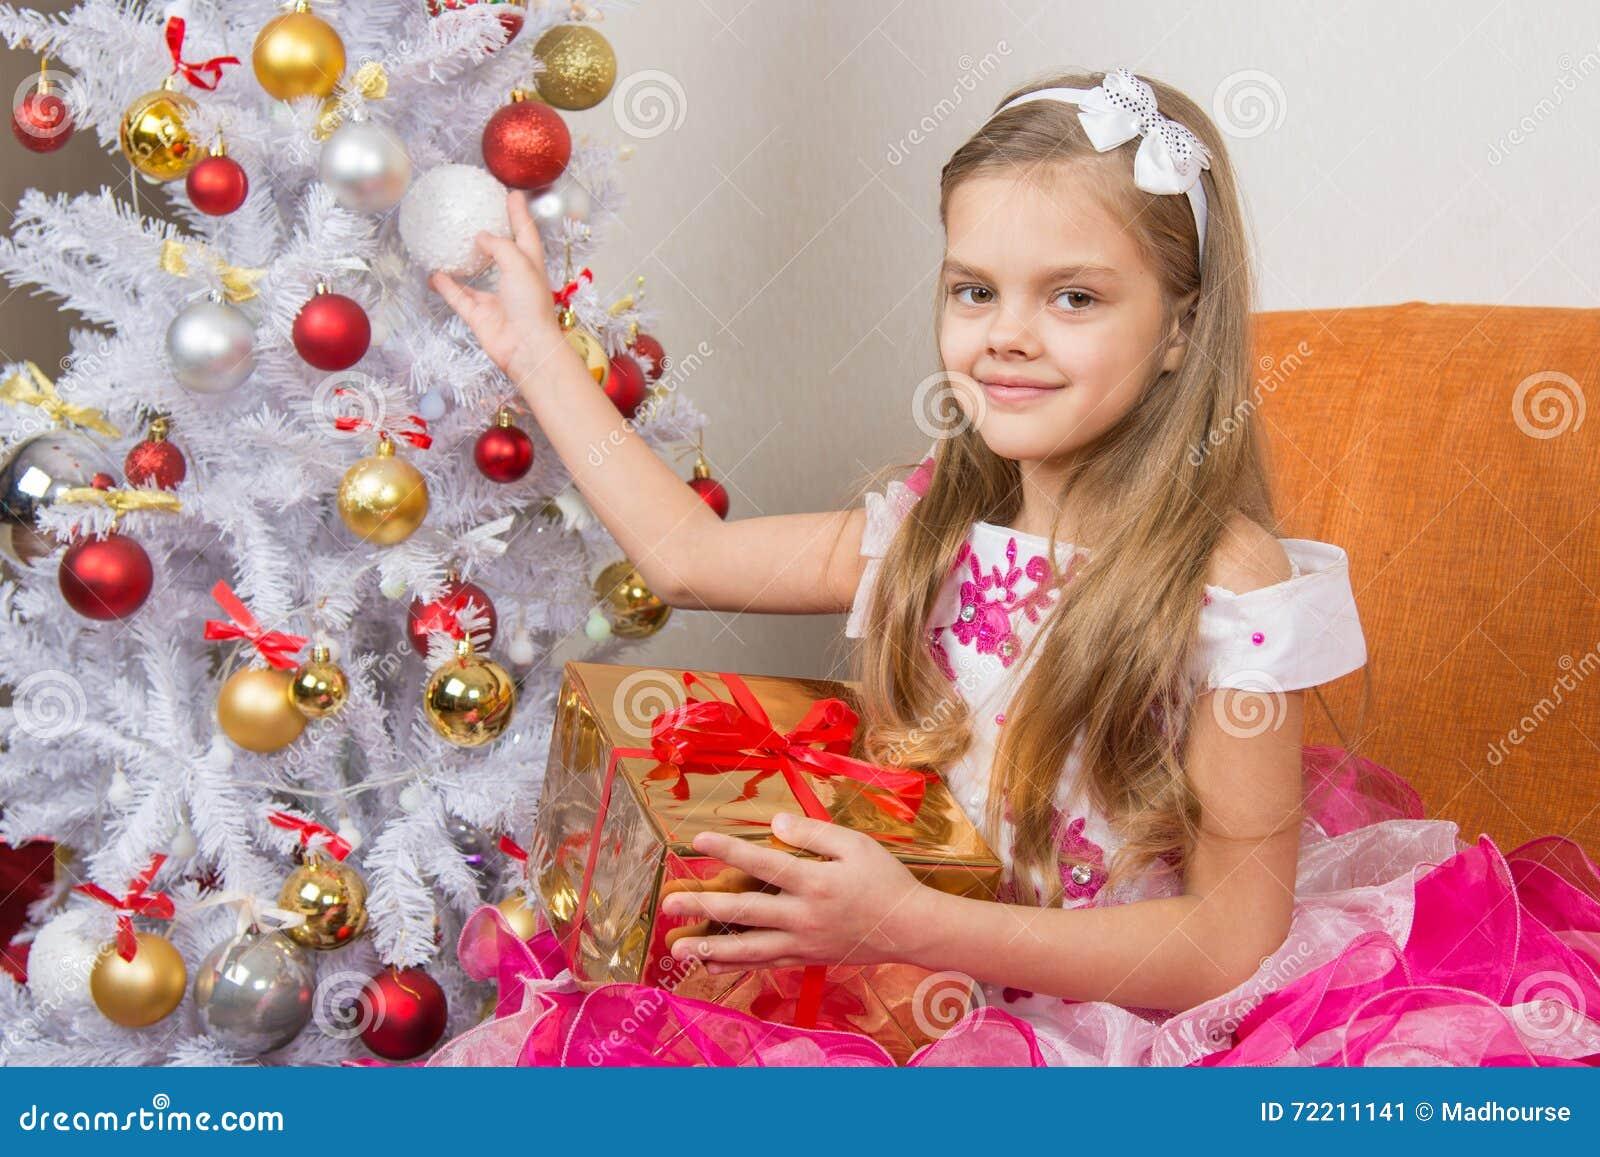 Семилетняя девушка в красивом платье сидит с подарком и держать шарик рождества в руках